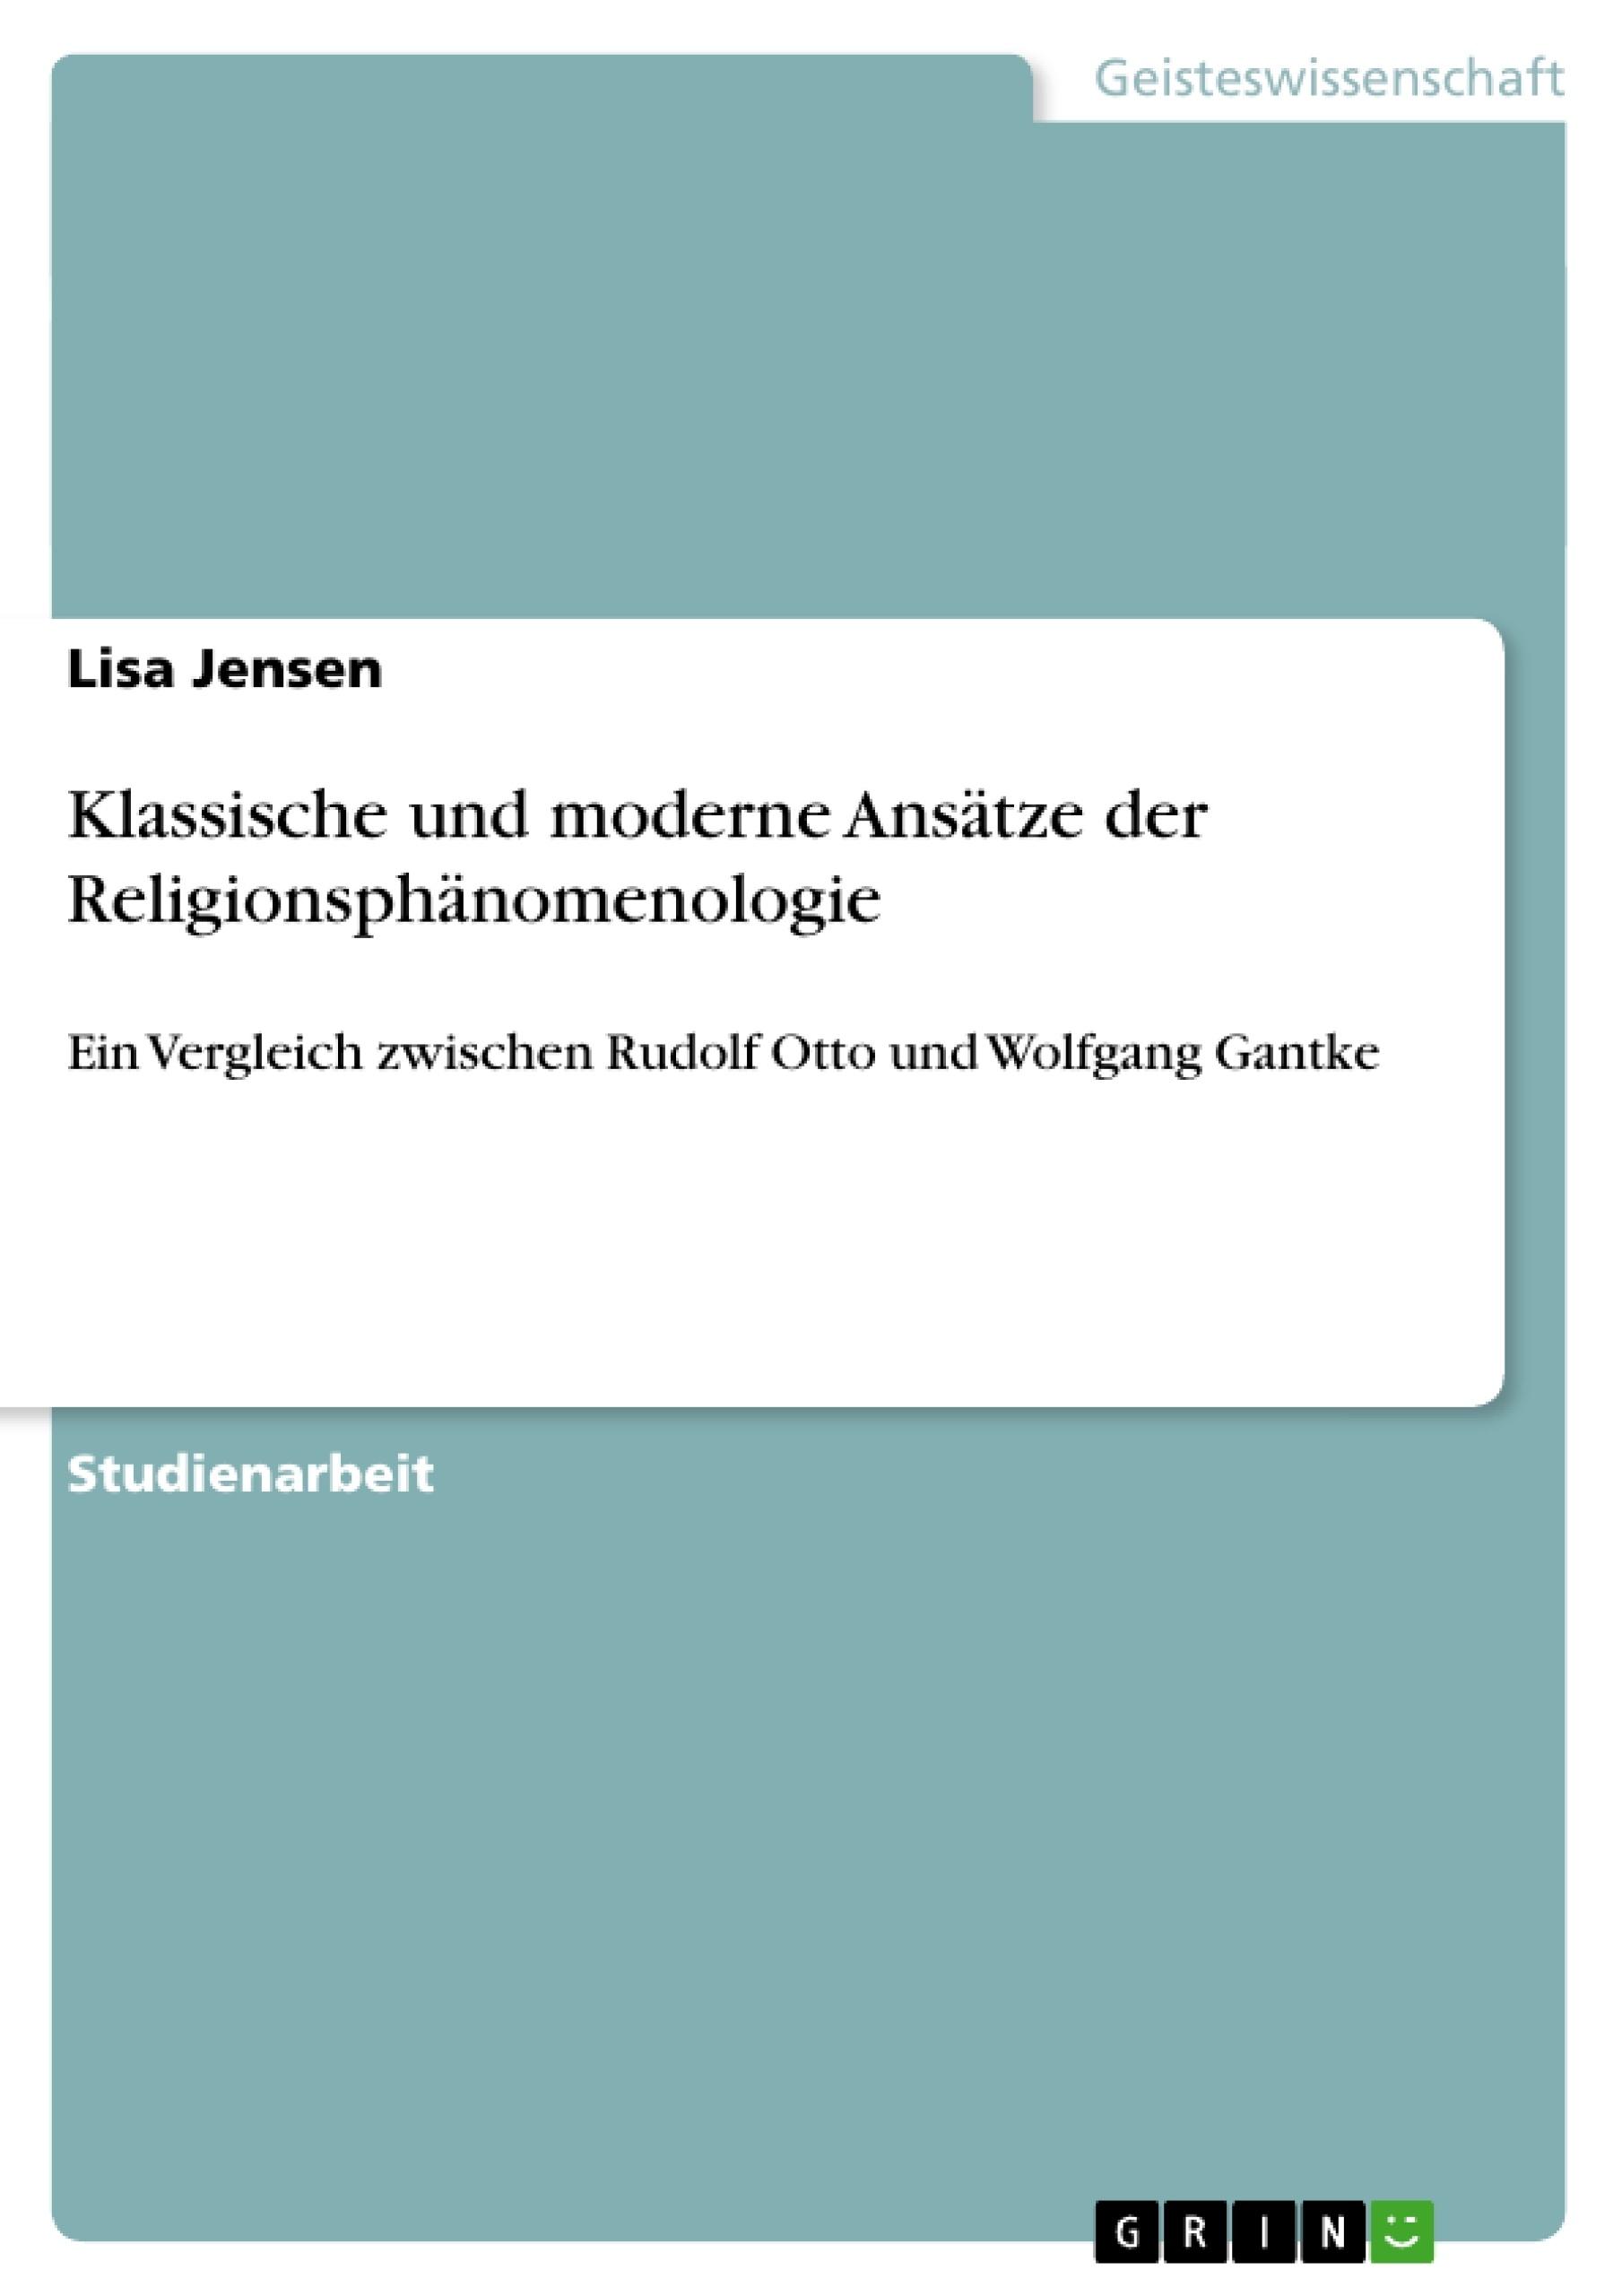 Titel: Klassische und moderne Ansätze der Religionsphänomenologie